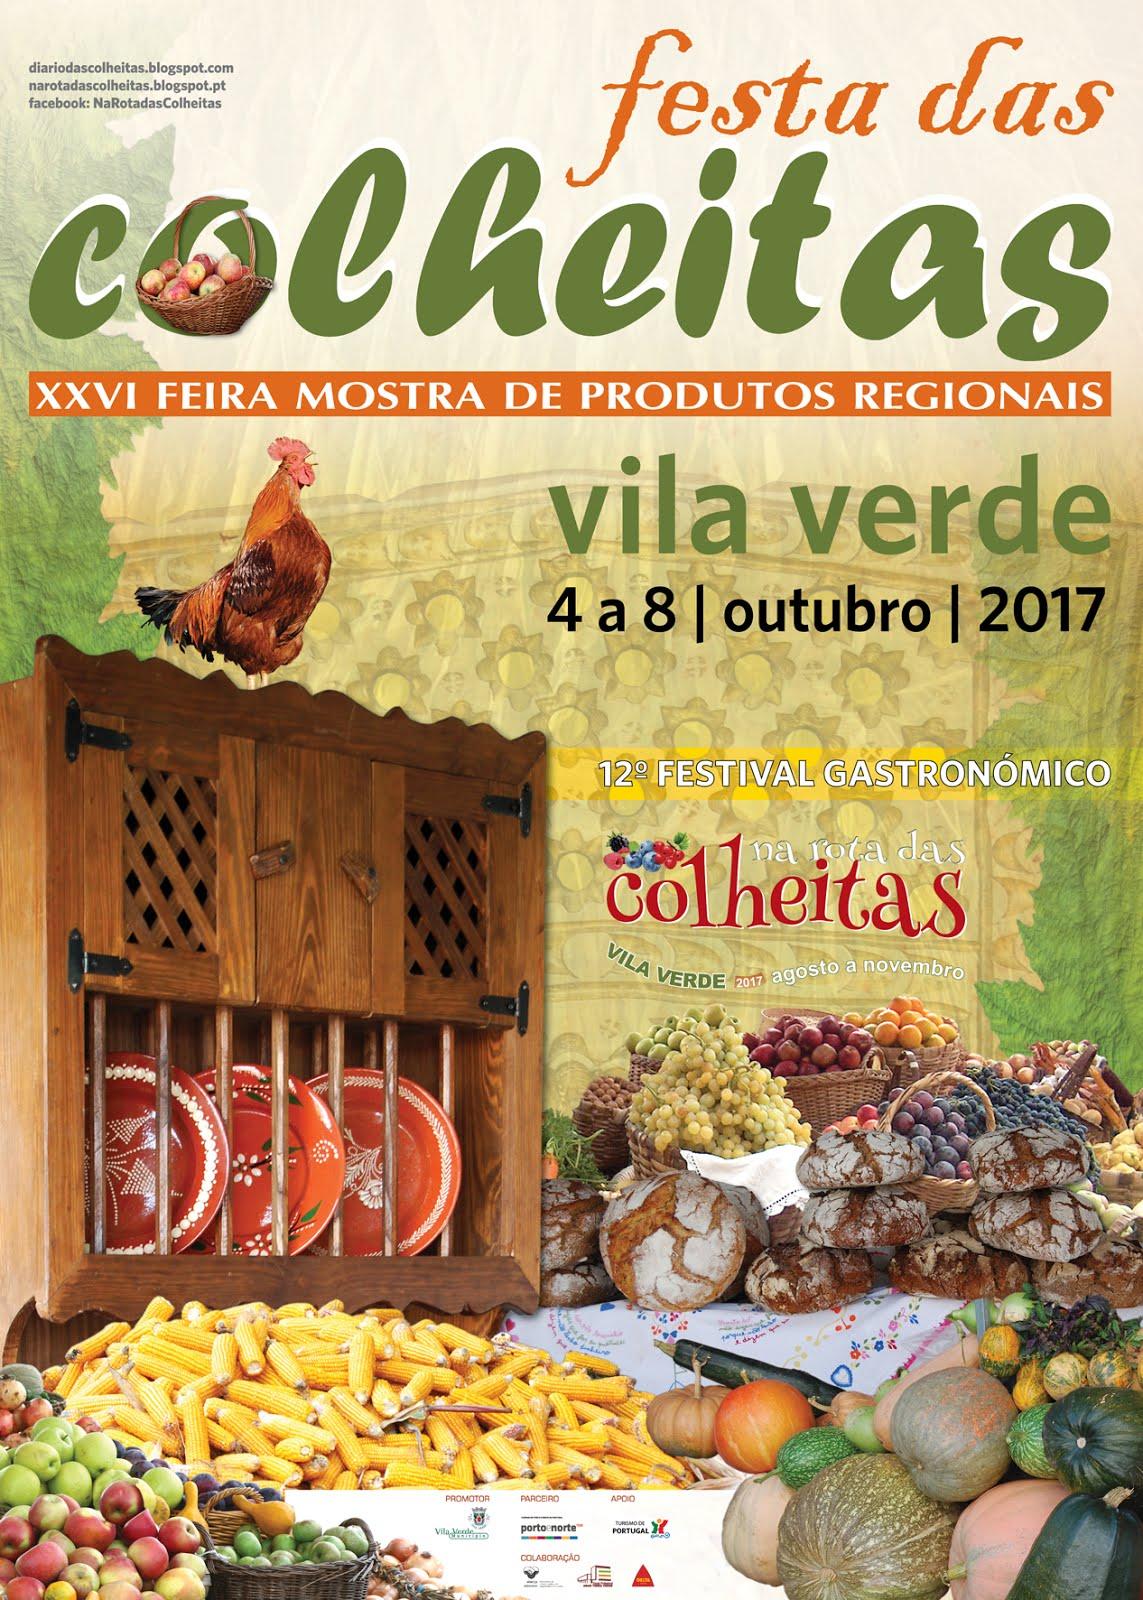 FESTA DAS COLHEITAS / XXVI FEIRA MOSTRA DE PRODUTOS REGIONAIS